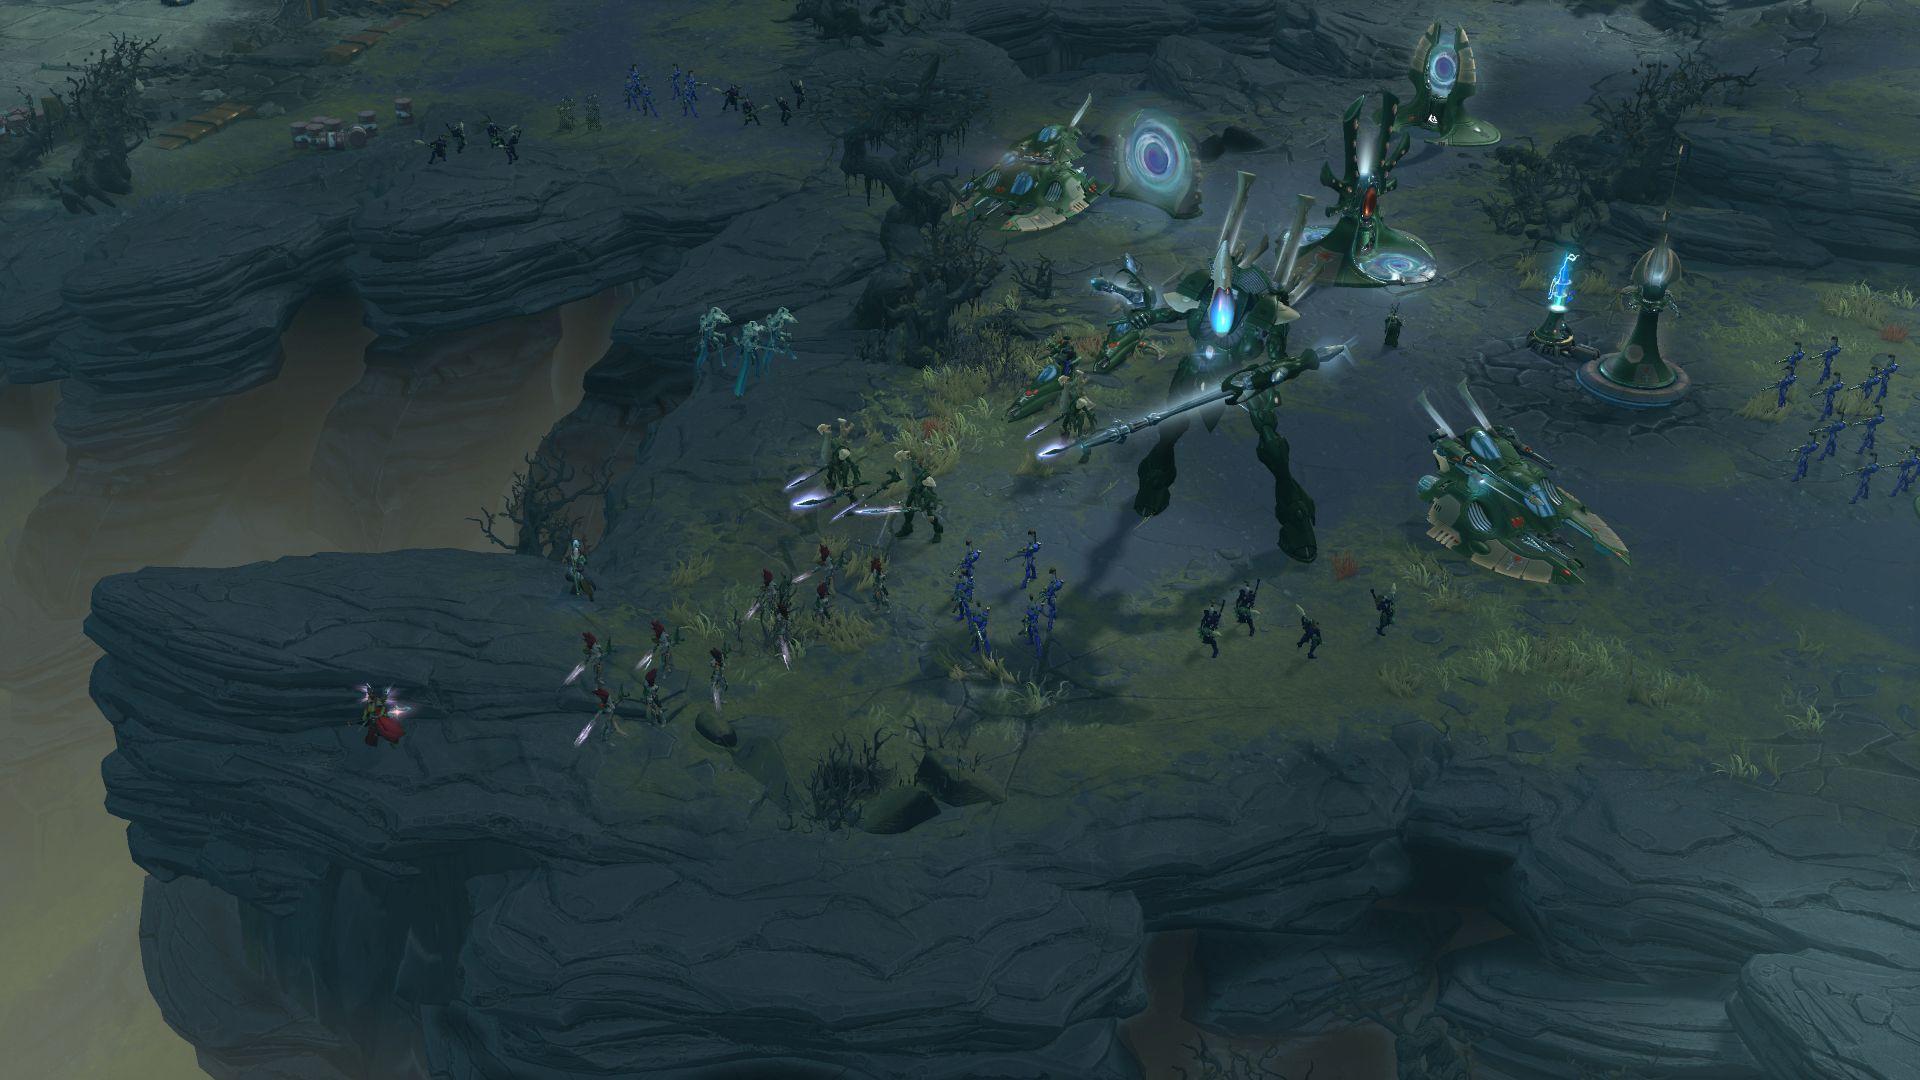 Podrobnosti o frakci Eldar z Warhammer 40,000: Dawn of War 3 131249